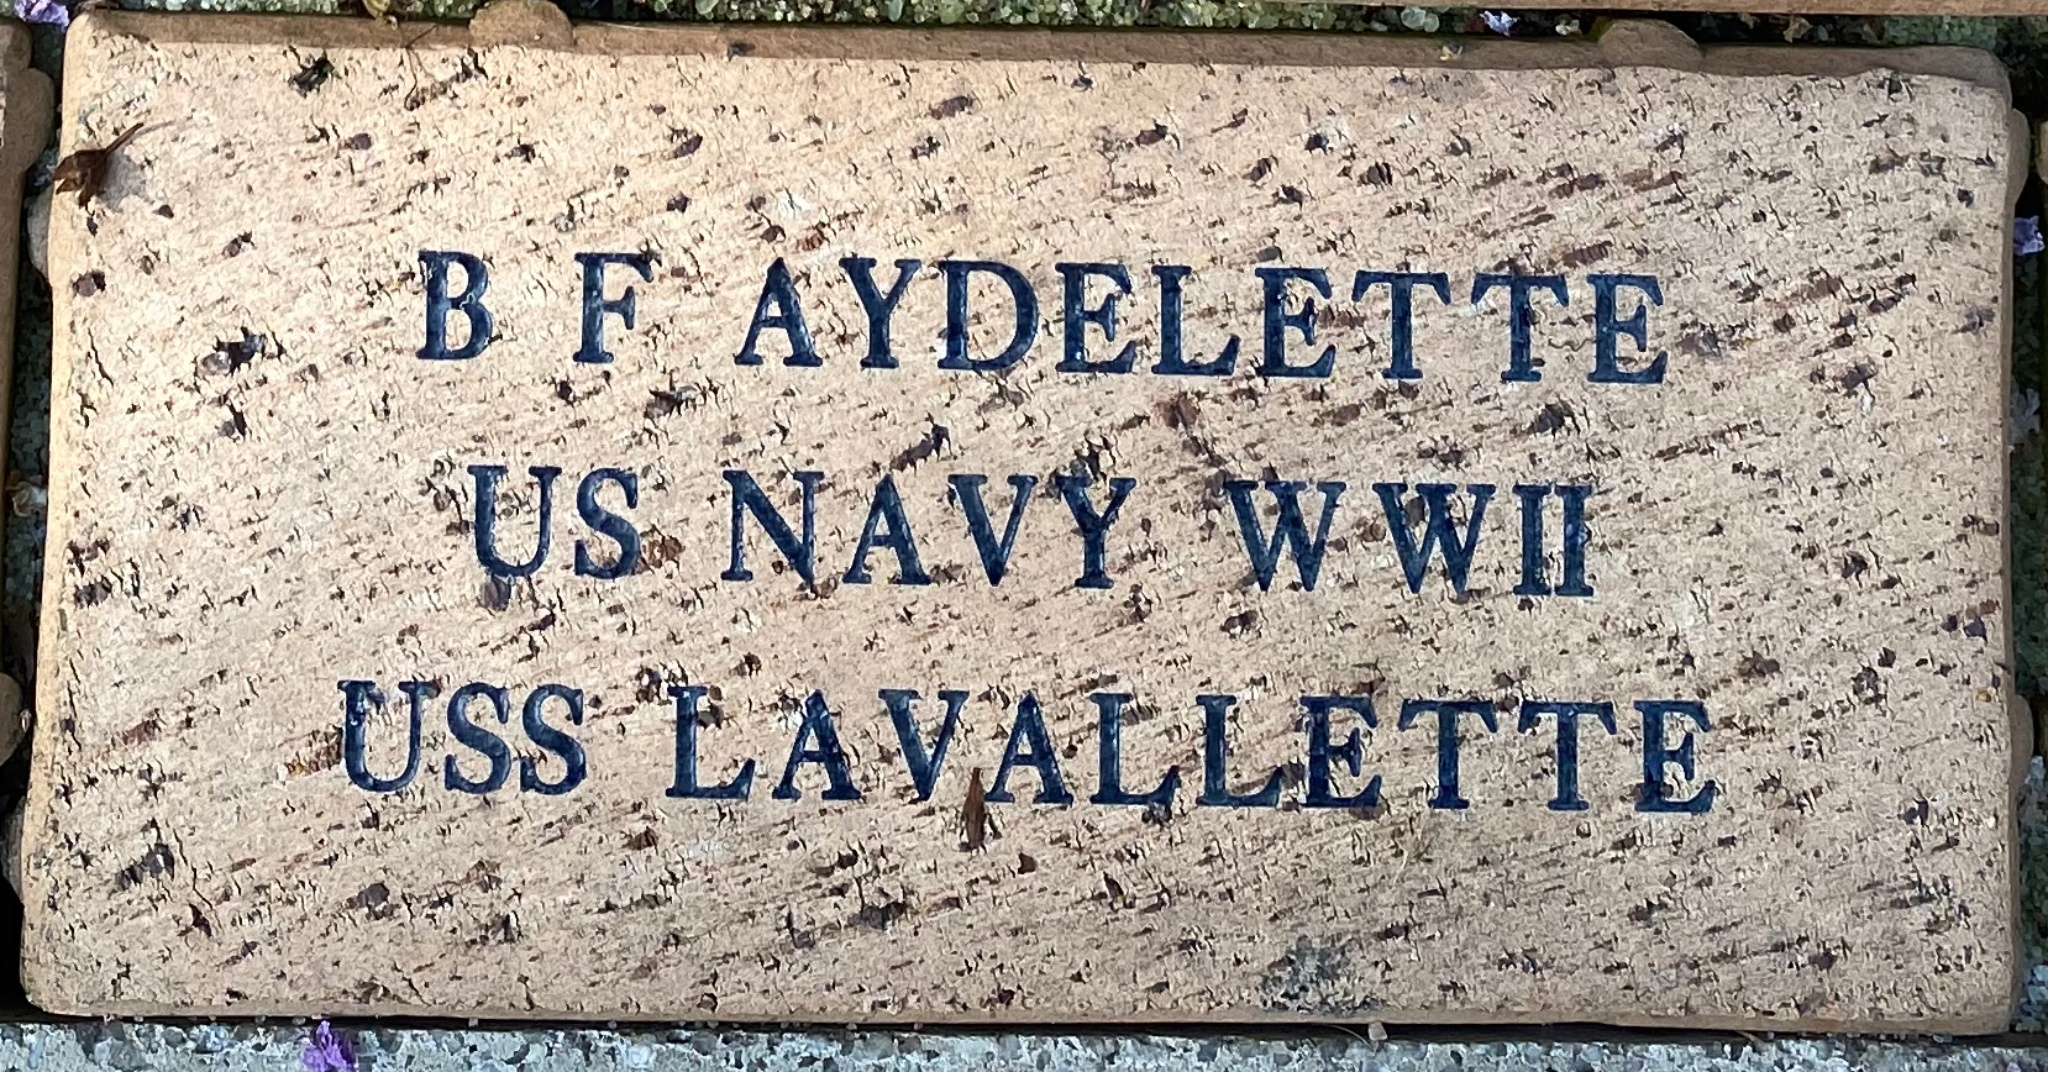 B F AYDELETTE US NAVY WWII USS LAVALLETTE